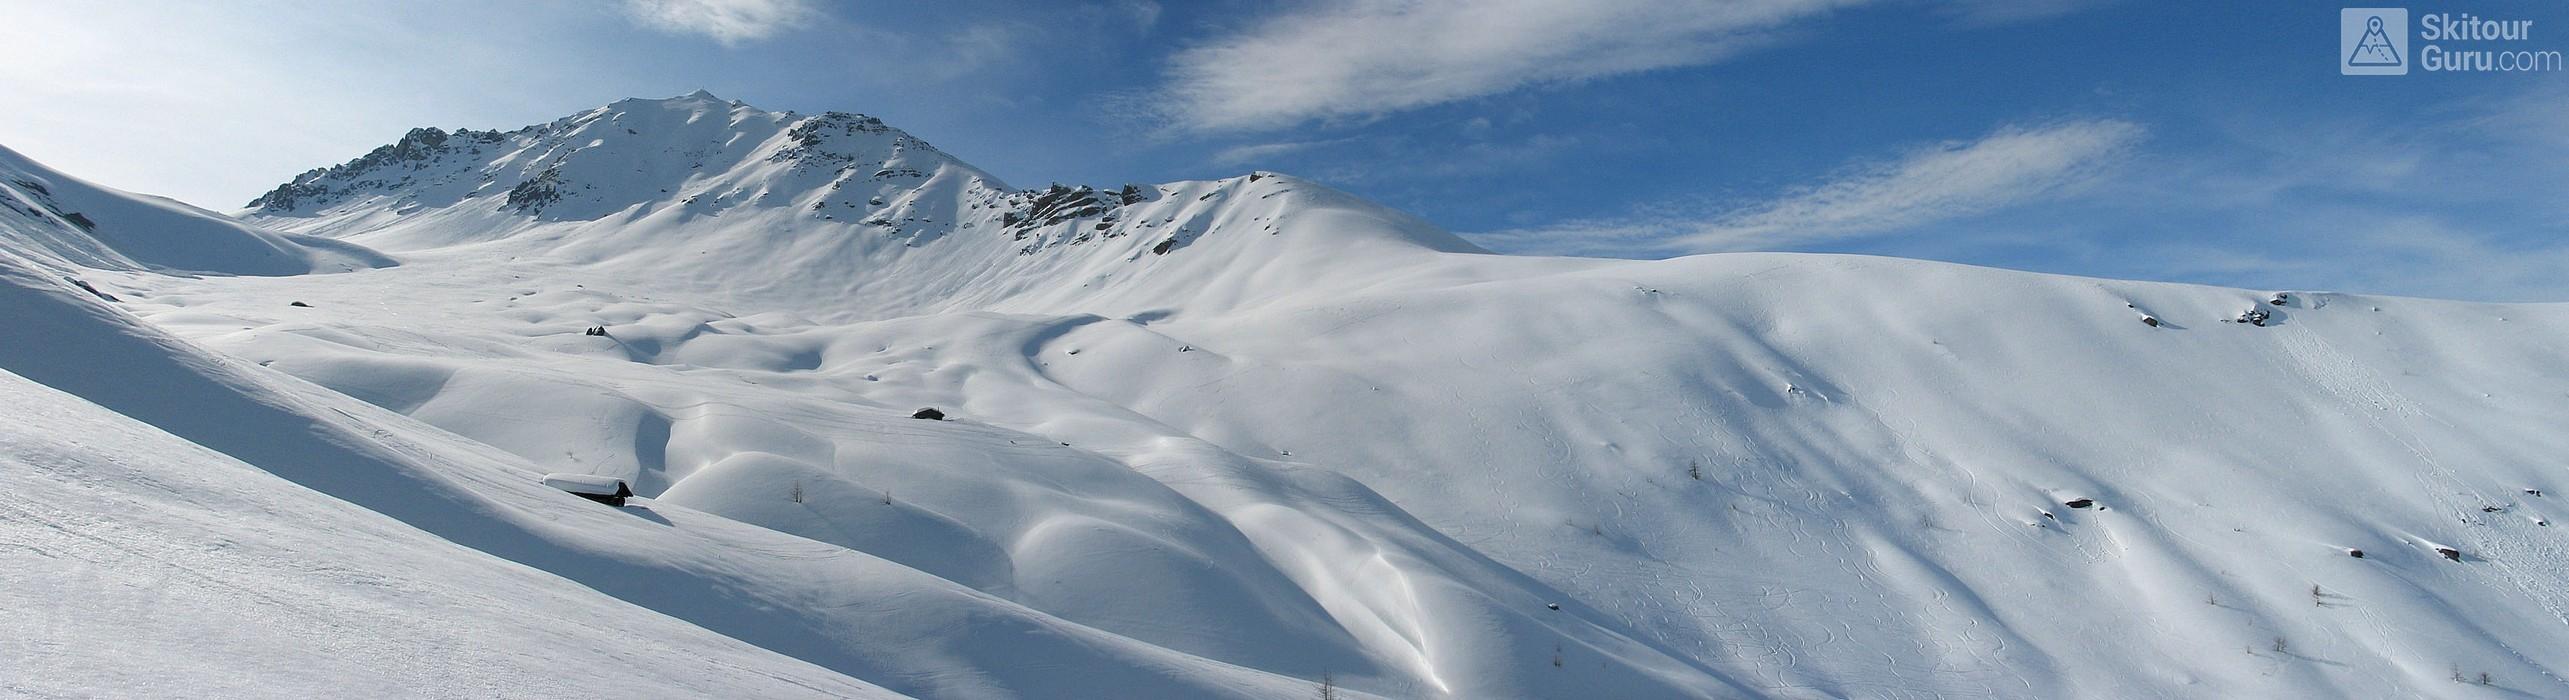 Gletscher Ducan Albula Alpen Switzerland panorama 17